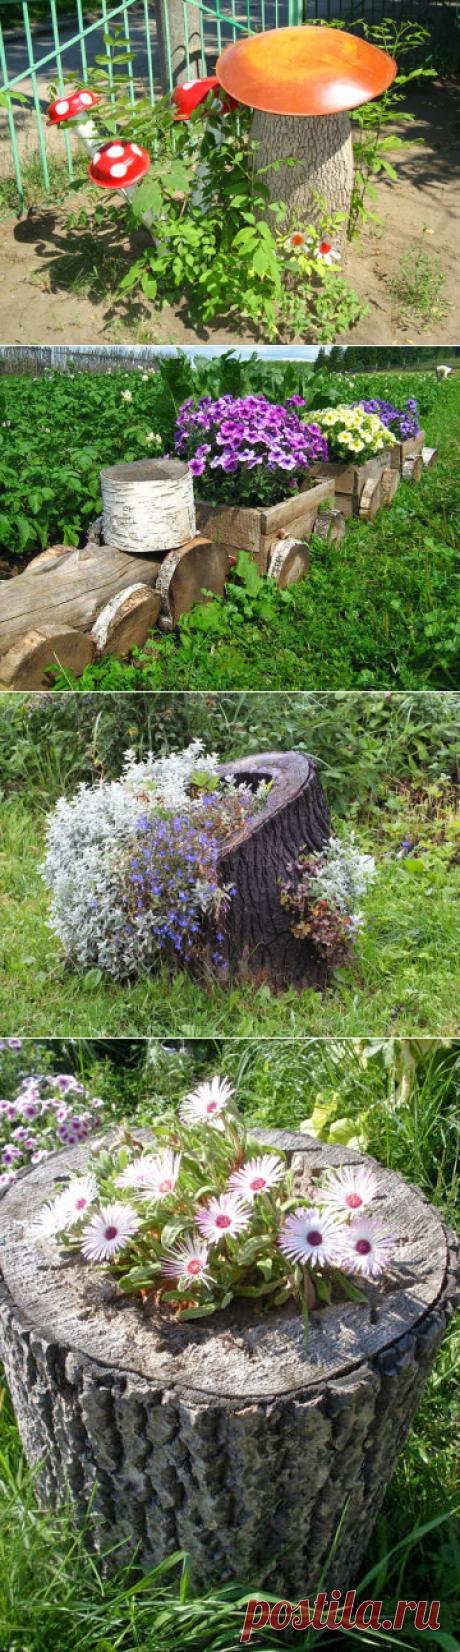 Интересные идеи для дачи и сада из дерева.